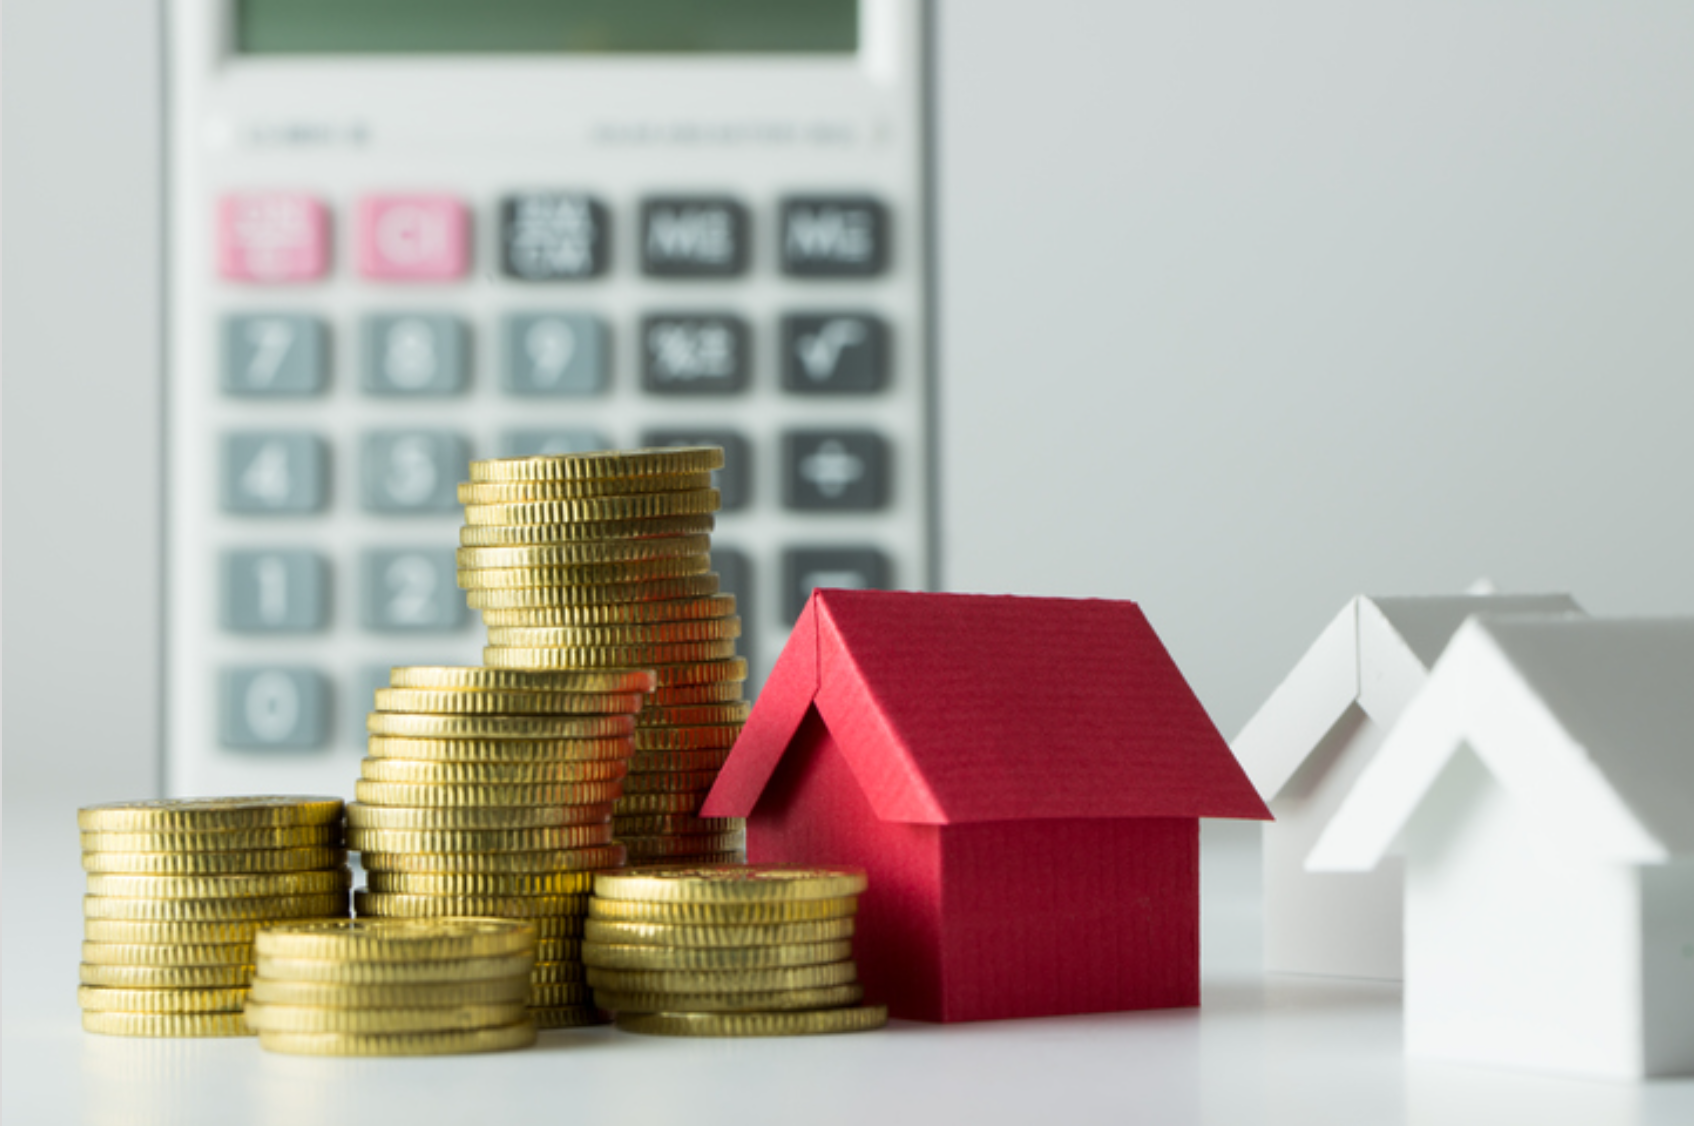 Remboursement anticipé d'un prêt immobilier